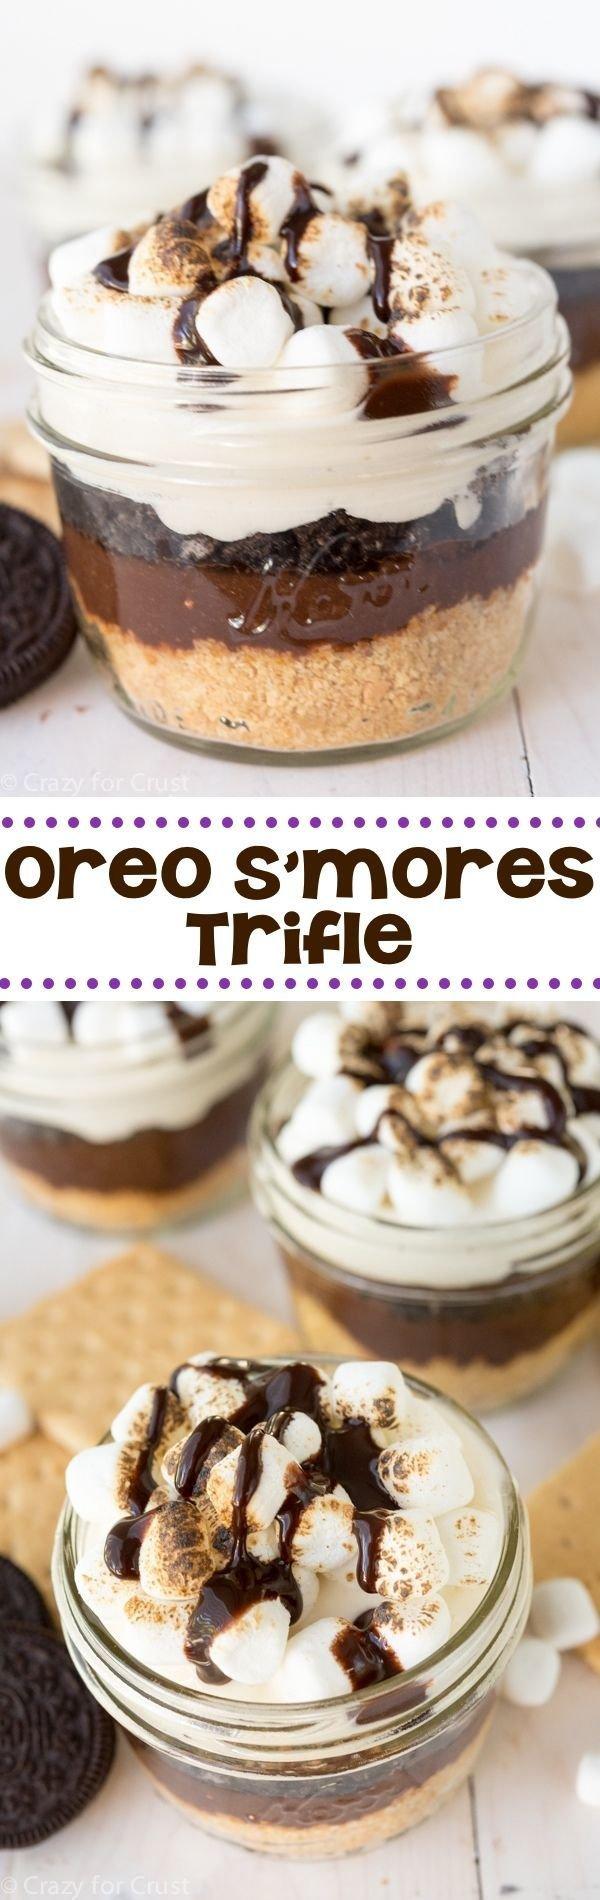 No Bake Oreo S'more Trifle